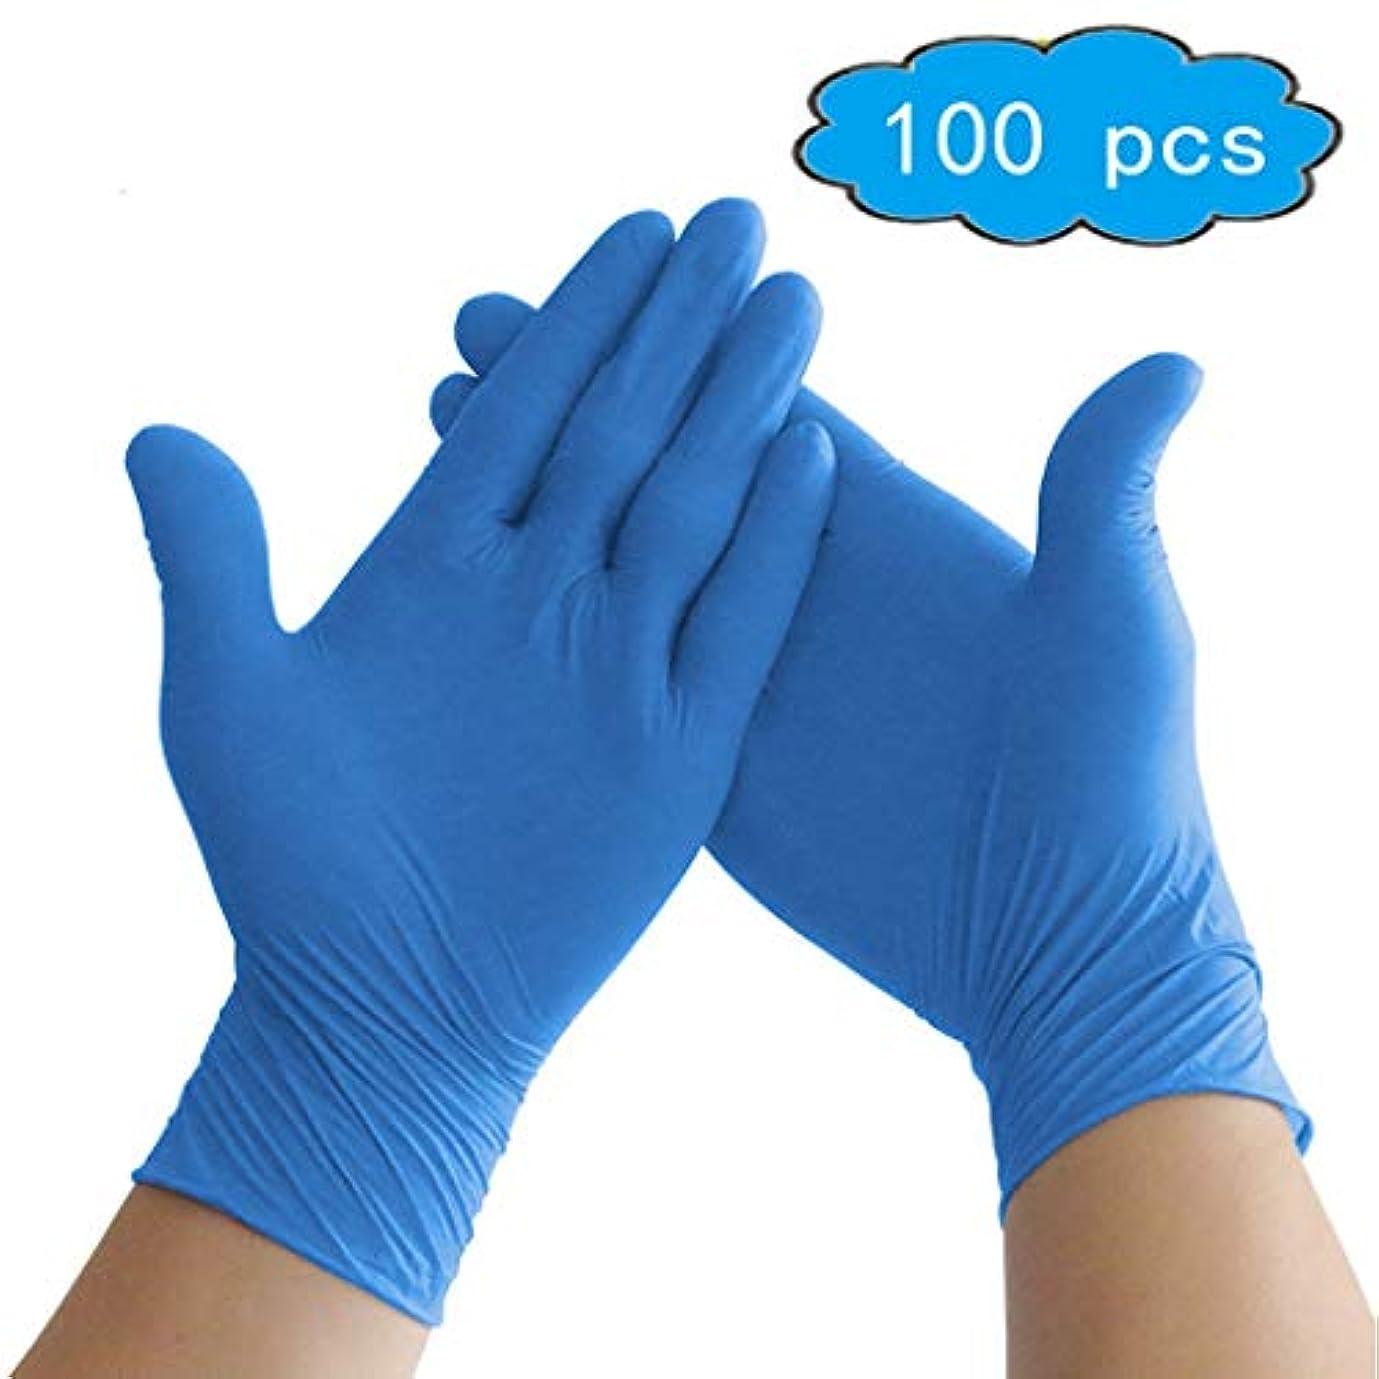 用心深い王室いまニトリル手袋工業、パウダーフリー、使い捨て、ブルー(100箱)衛生手袋 (Color : Blue, Size : S)